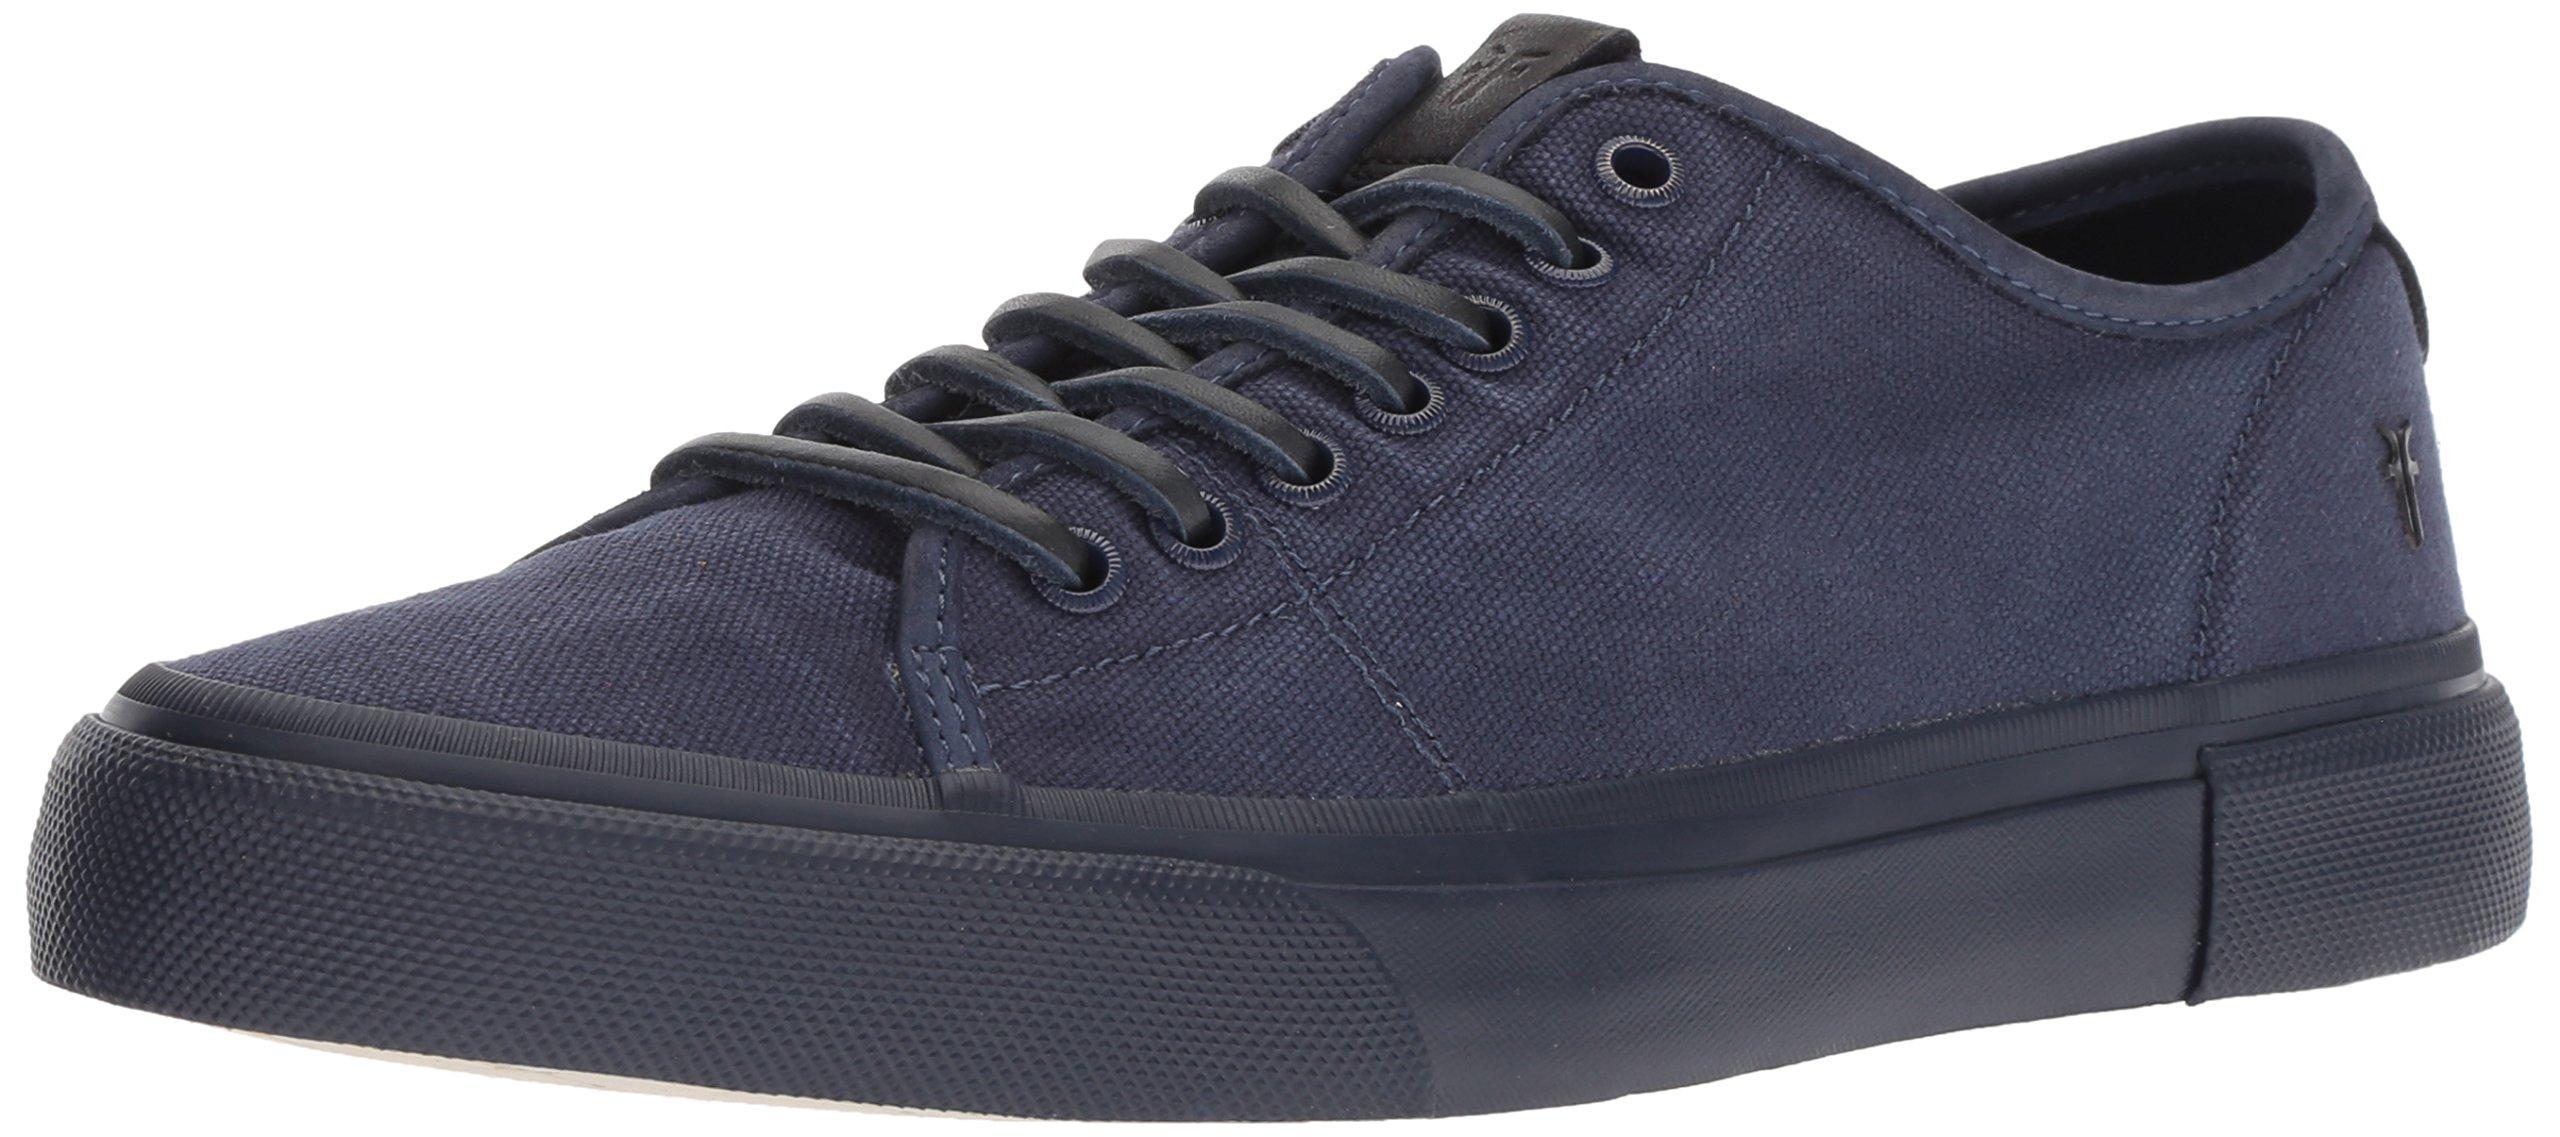 a90199be7a9d Galleon - FRYE Men s Ludlow Low Sneaker